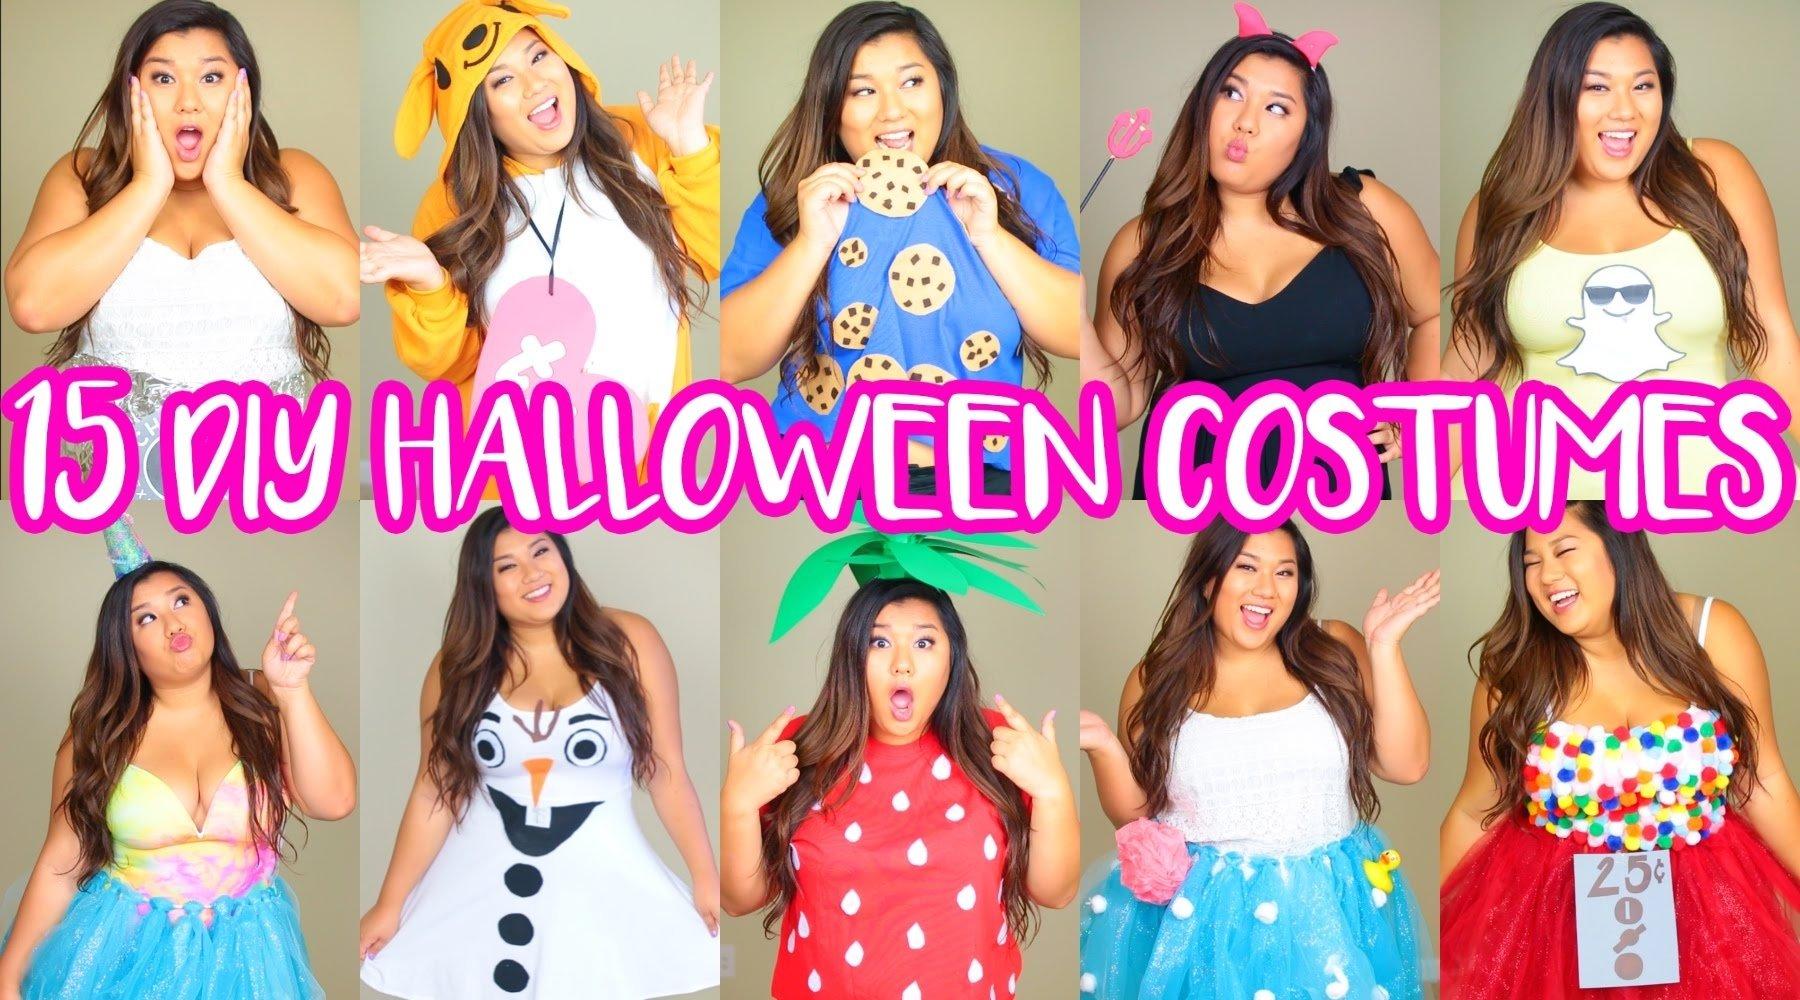 15 diy halloween costumes! last minute, cute & easy! - youtube